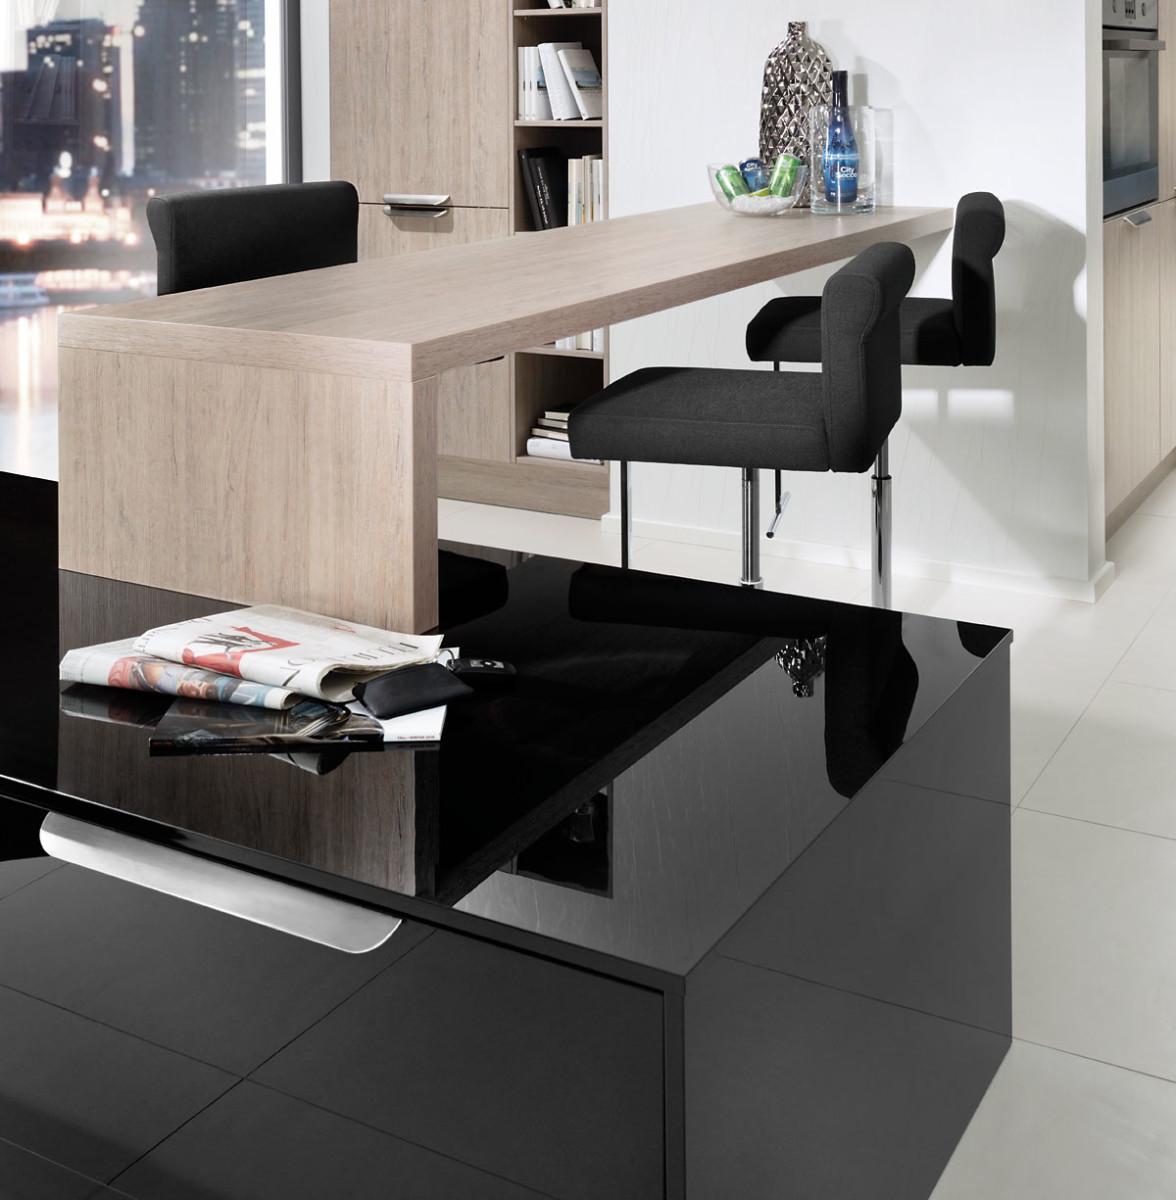 Black gloss kitchen worktop black rok kitchen design for Kitchen design uckfield